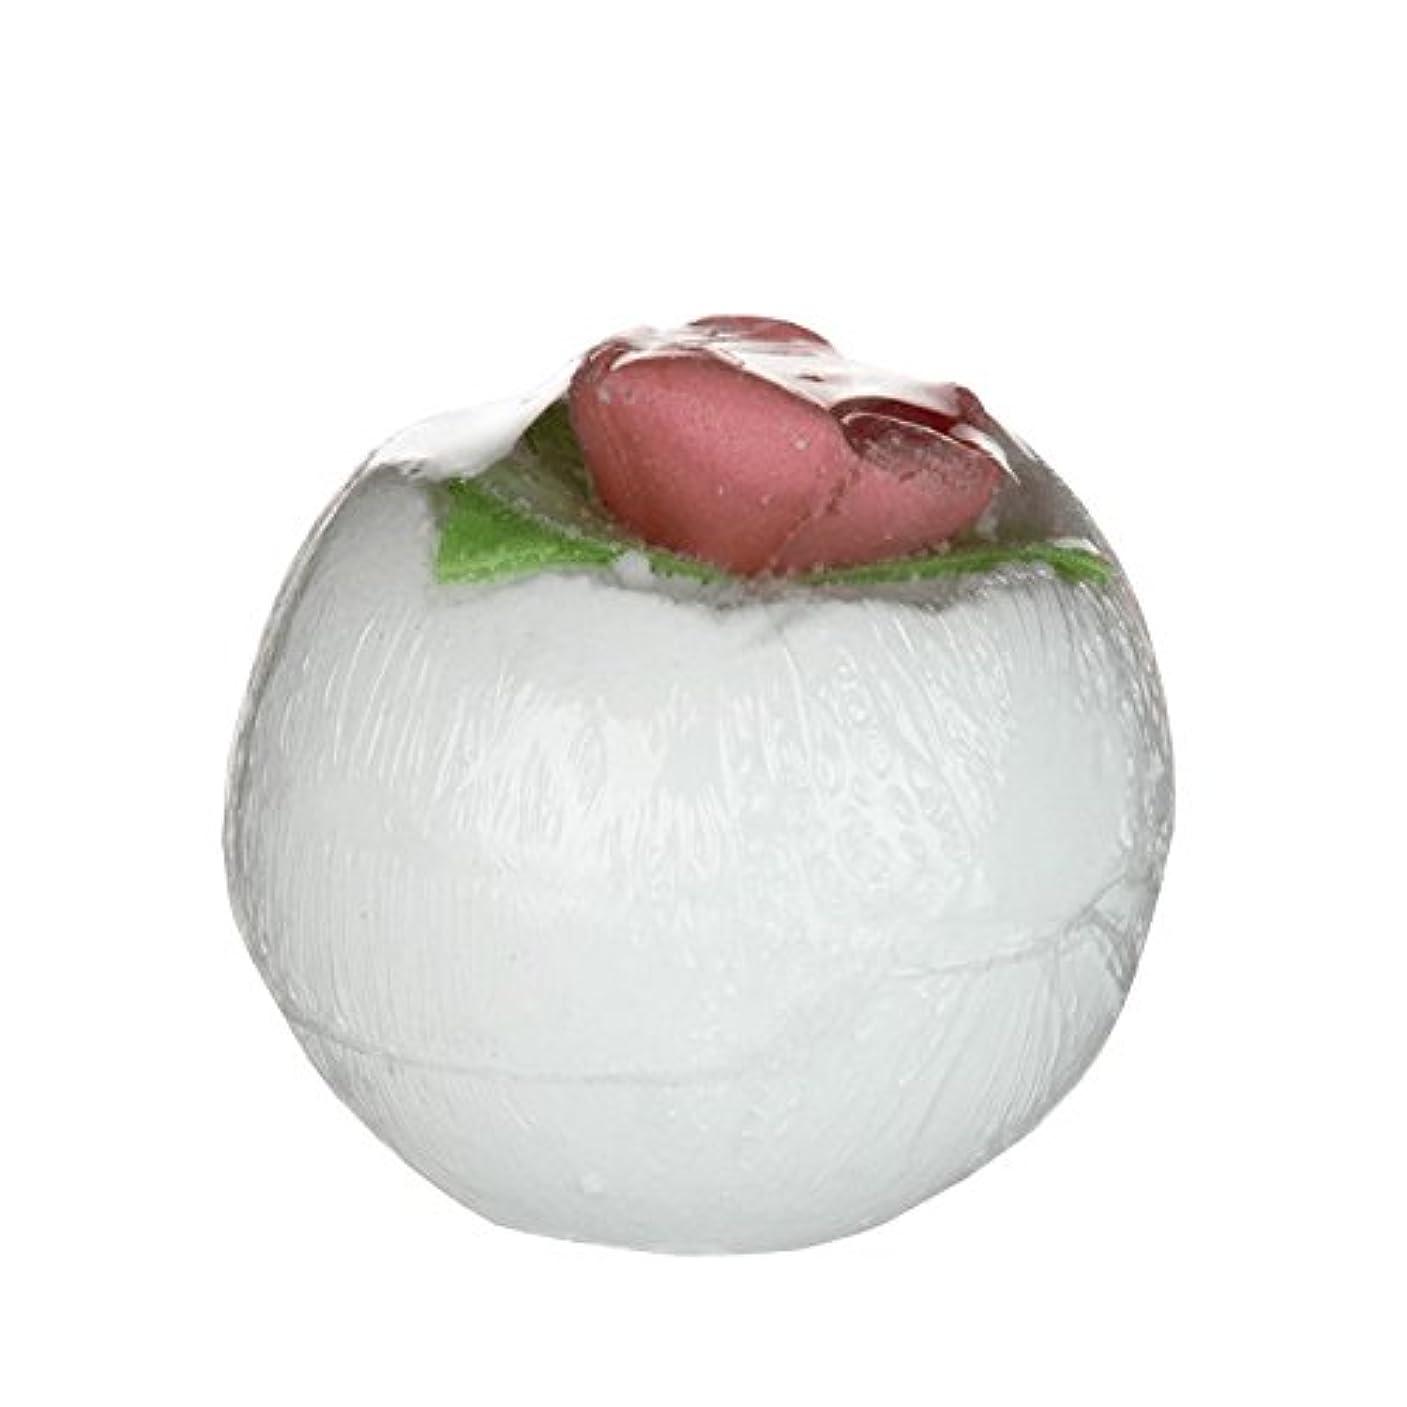 説教する転用幹Treetsバスボール最愛の花170グラム - Treets Bath Ball Darling Flower 170g (Treets) [並行輸入品]